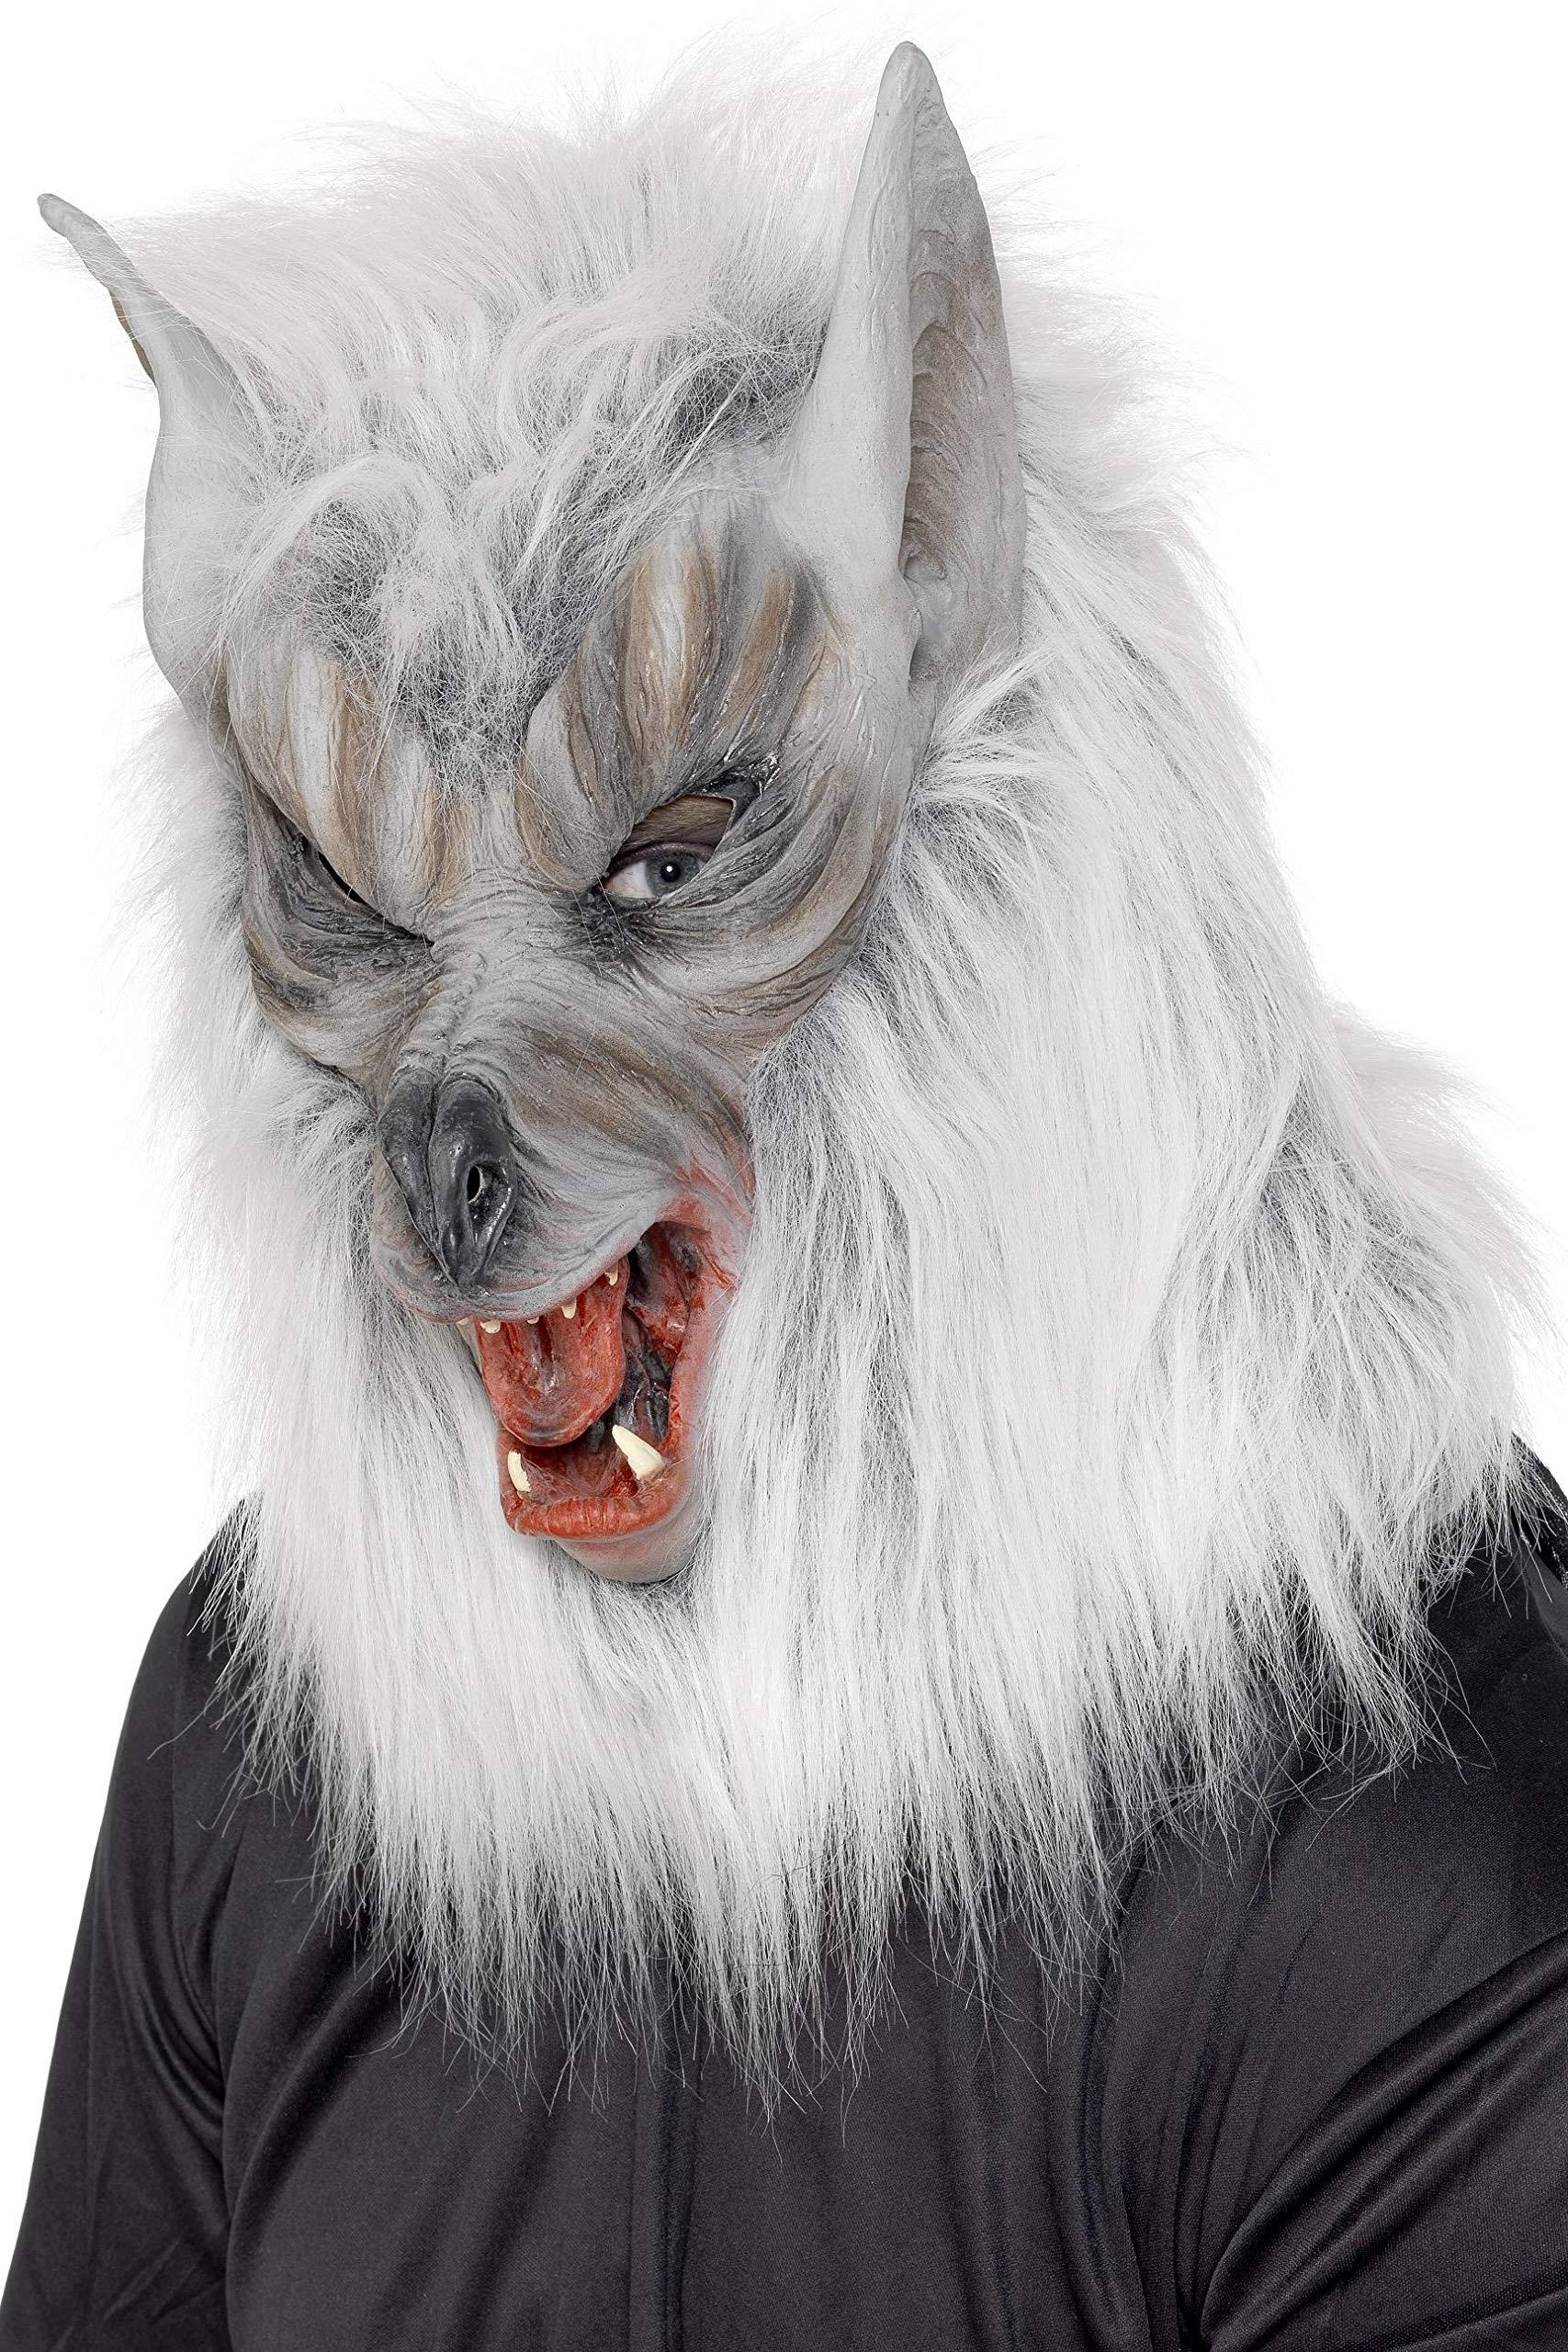 Smiffys 25564 Déguisement Homme Masque de Loup Tête Complète Latex, Gris, Taille Unique product image